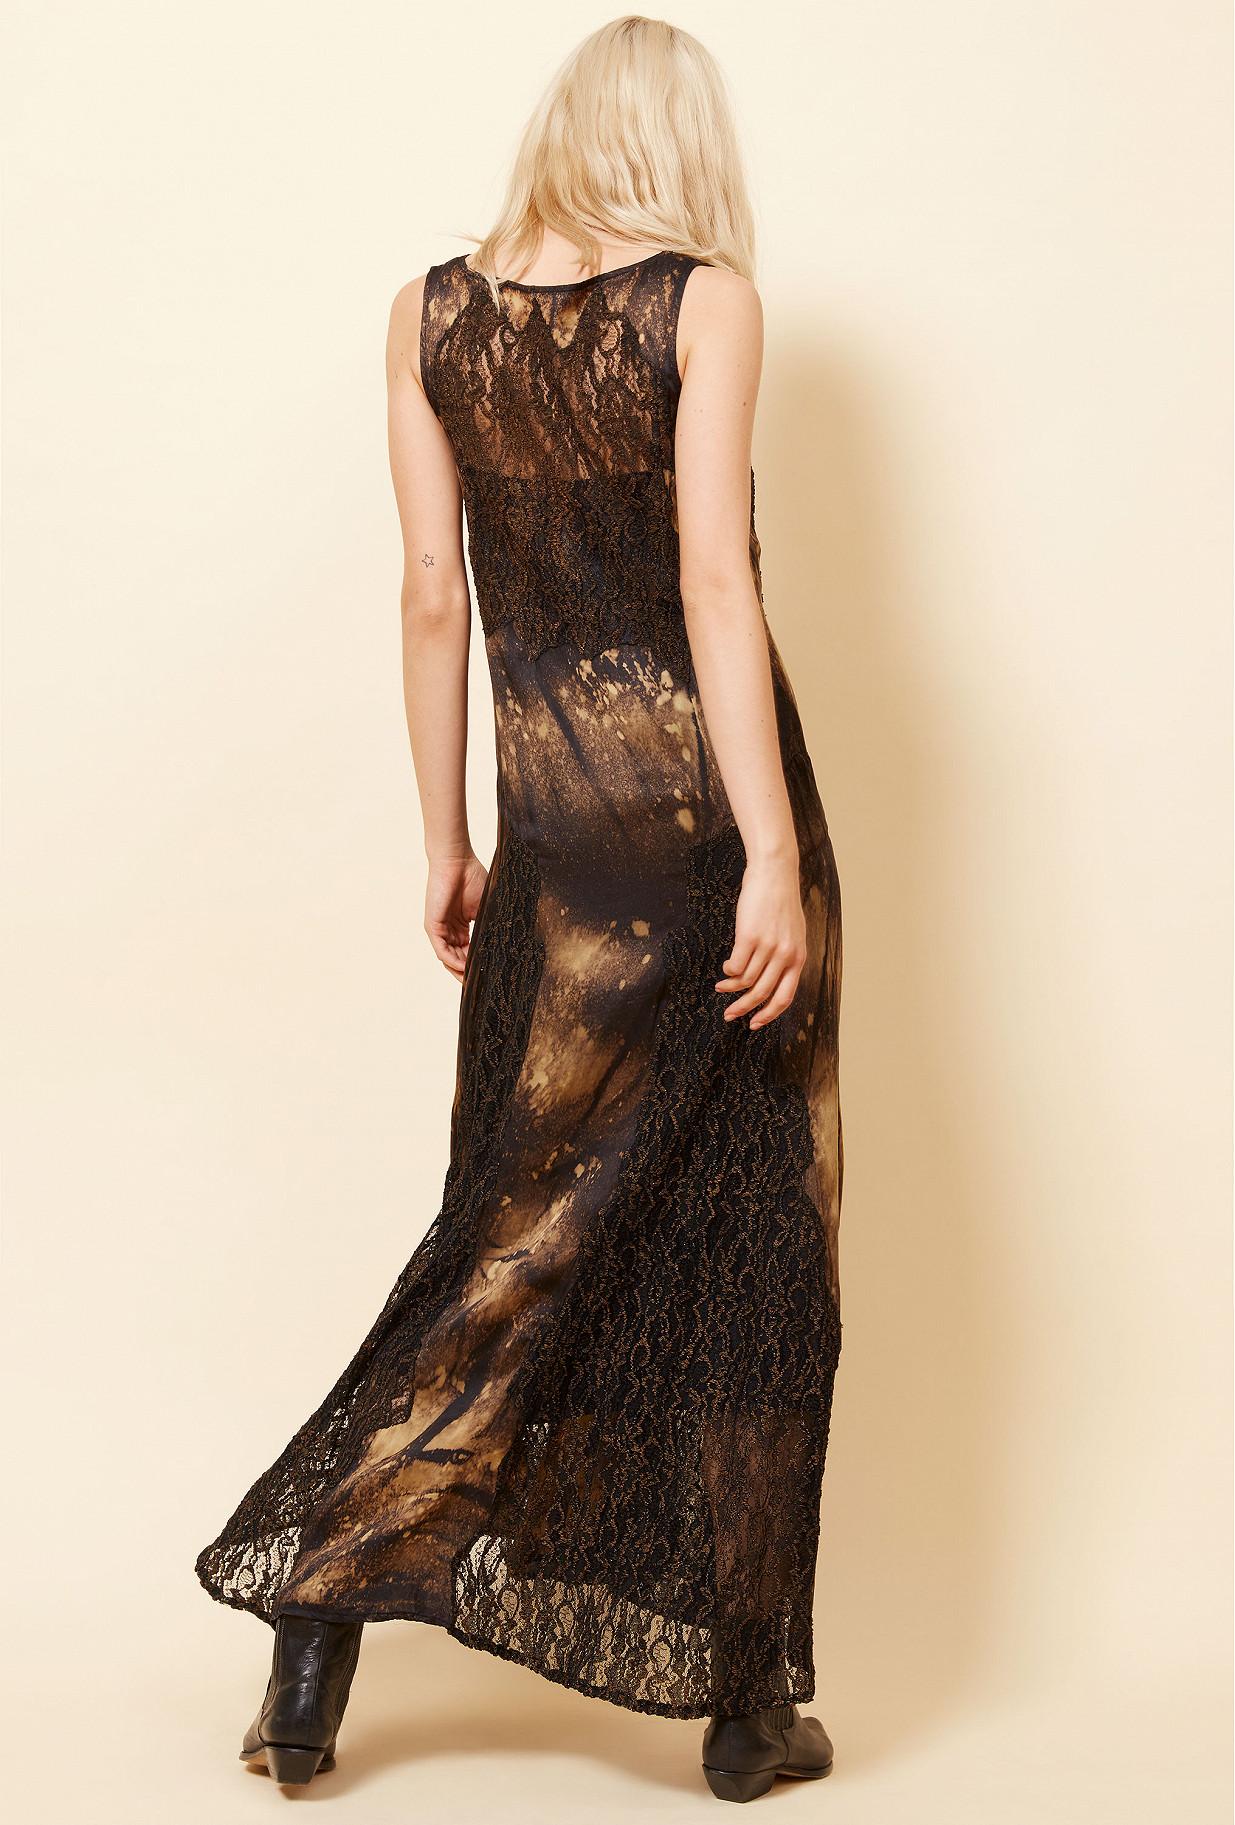 Black  Dress  Garance Dore Mes demoiselles fashion clothes designer Paris